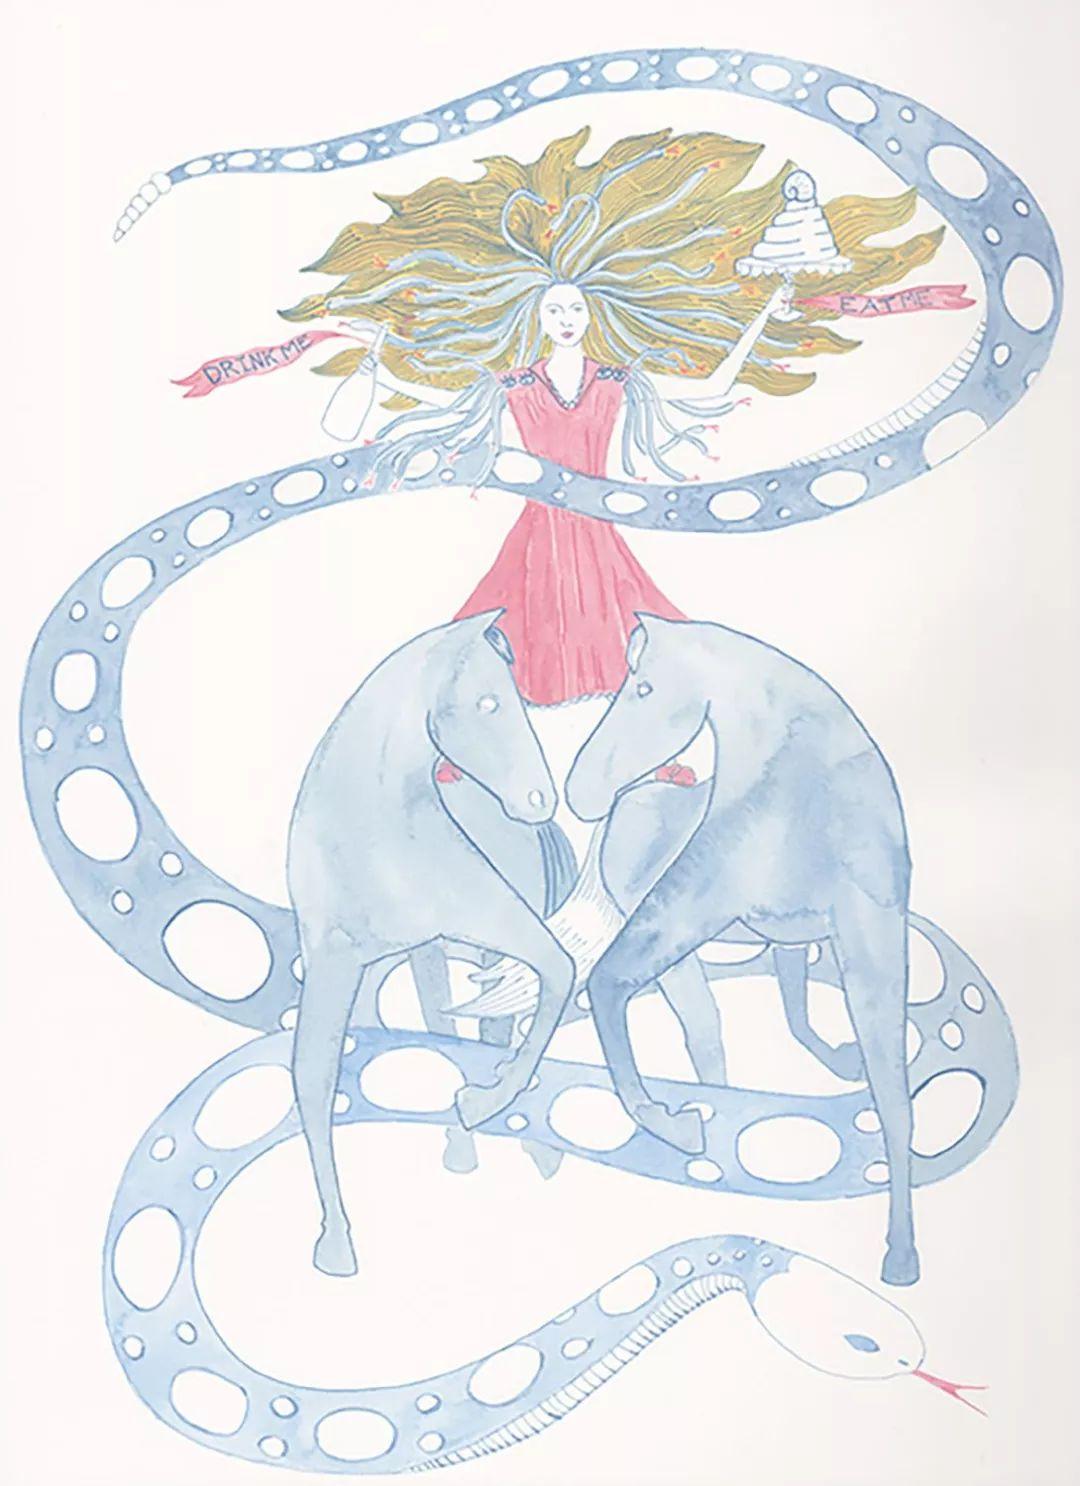 美国Dana Sherwood新的插画探讨了蒙古游牧部落 第2张 美国Dana Sherwood新的插画探讨了蒙古游牧部落 蒙古画廊